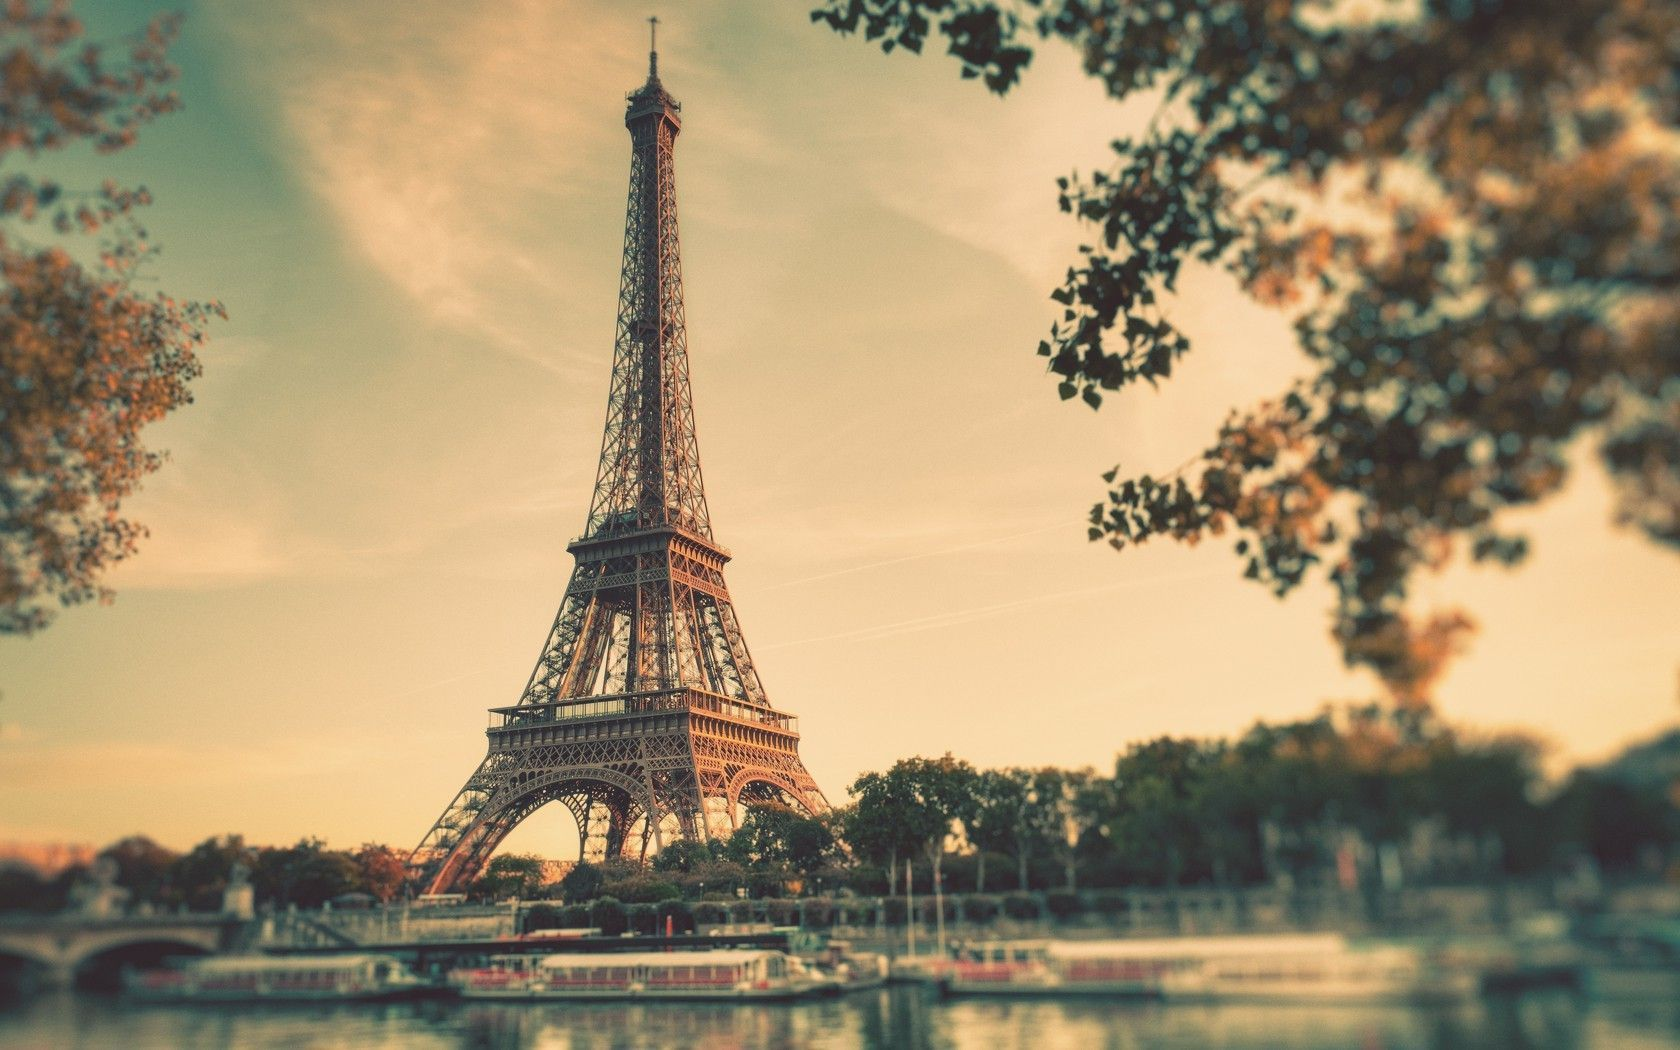 Vintage Paris Wallpapers   Top Vintage Paris Backgrounds 1680x1050